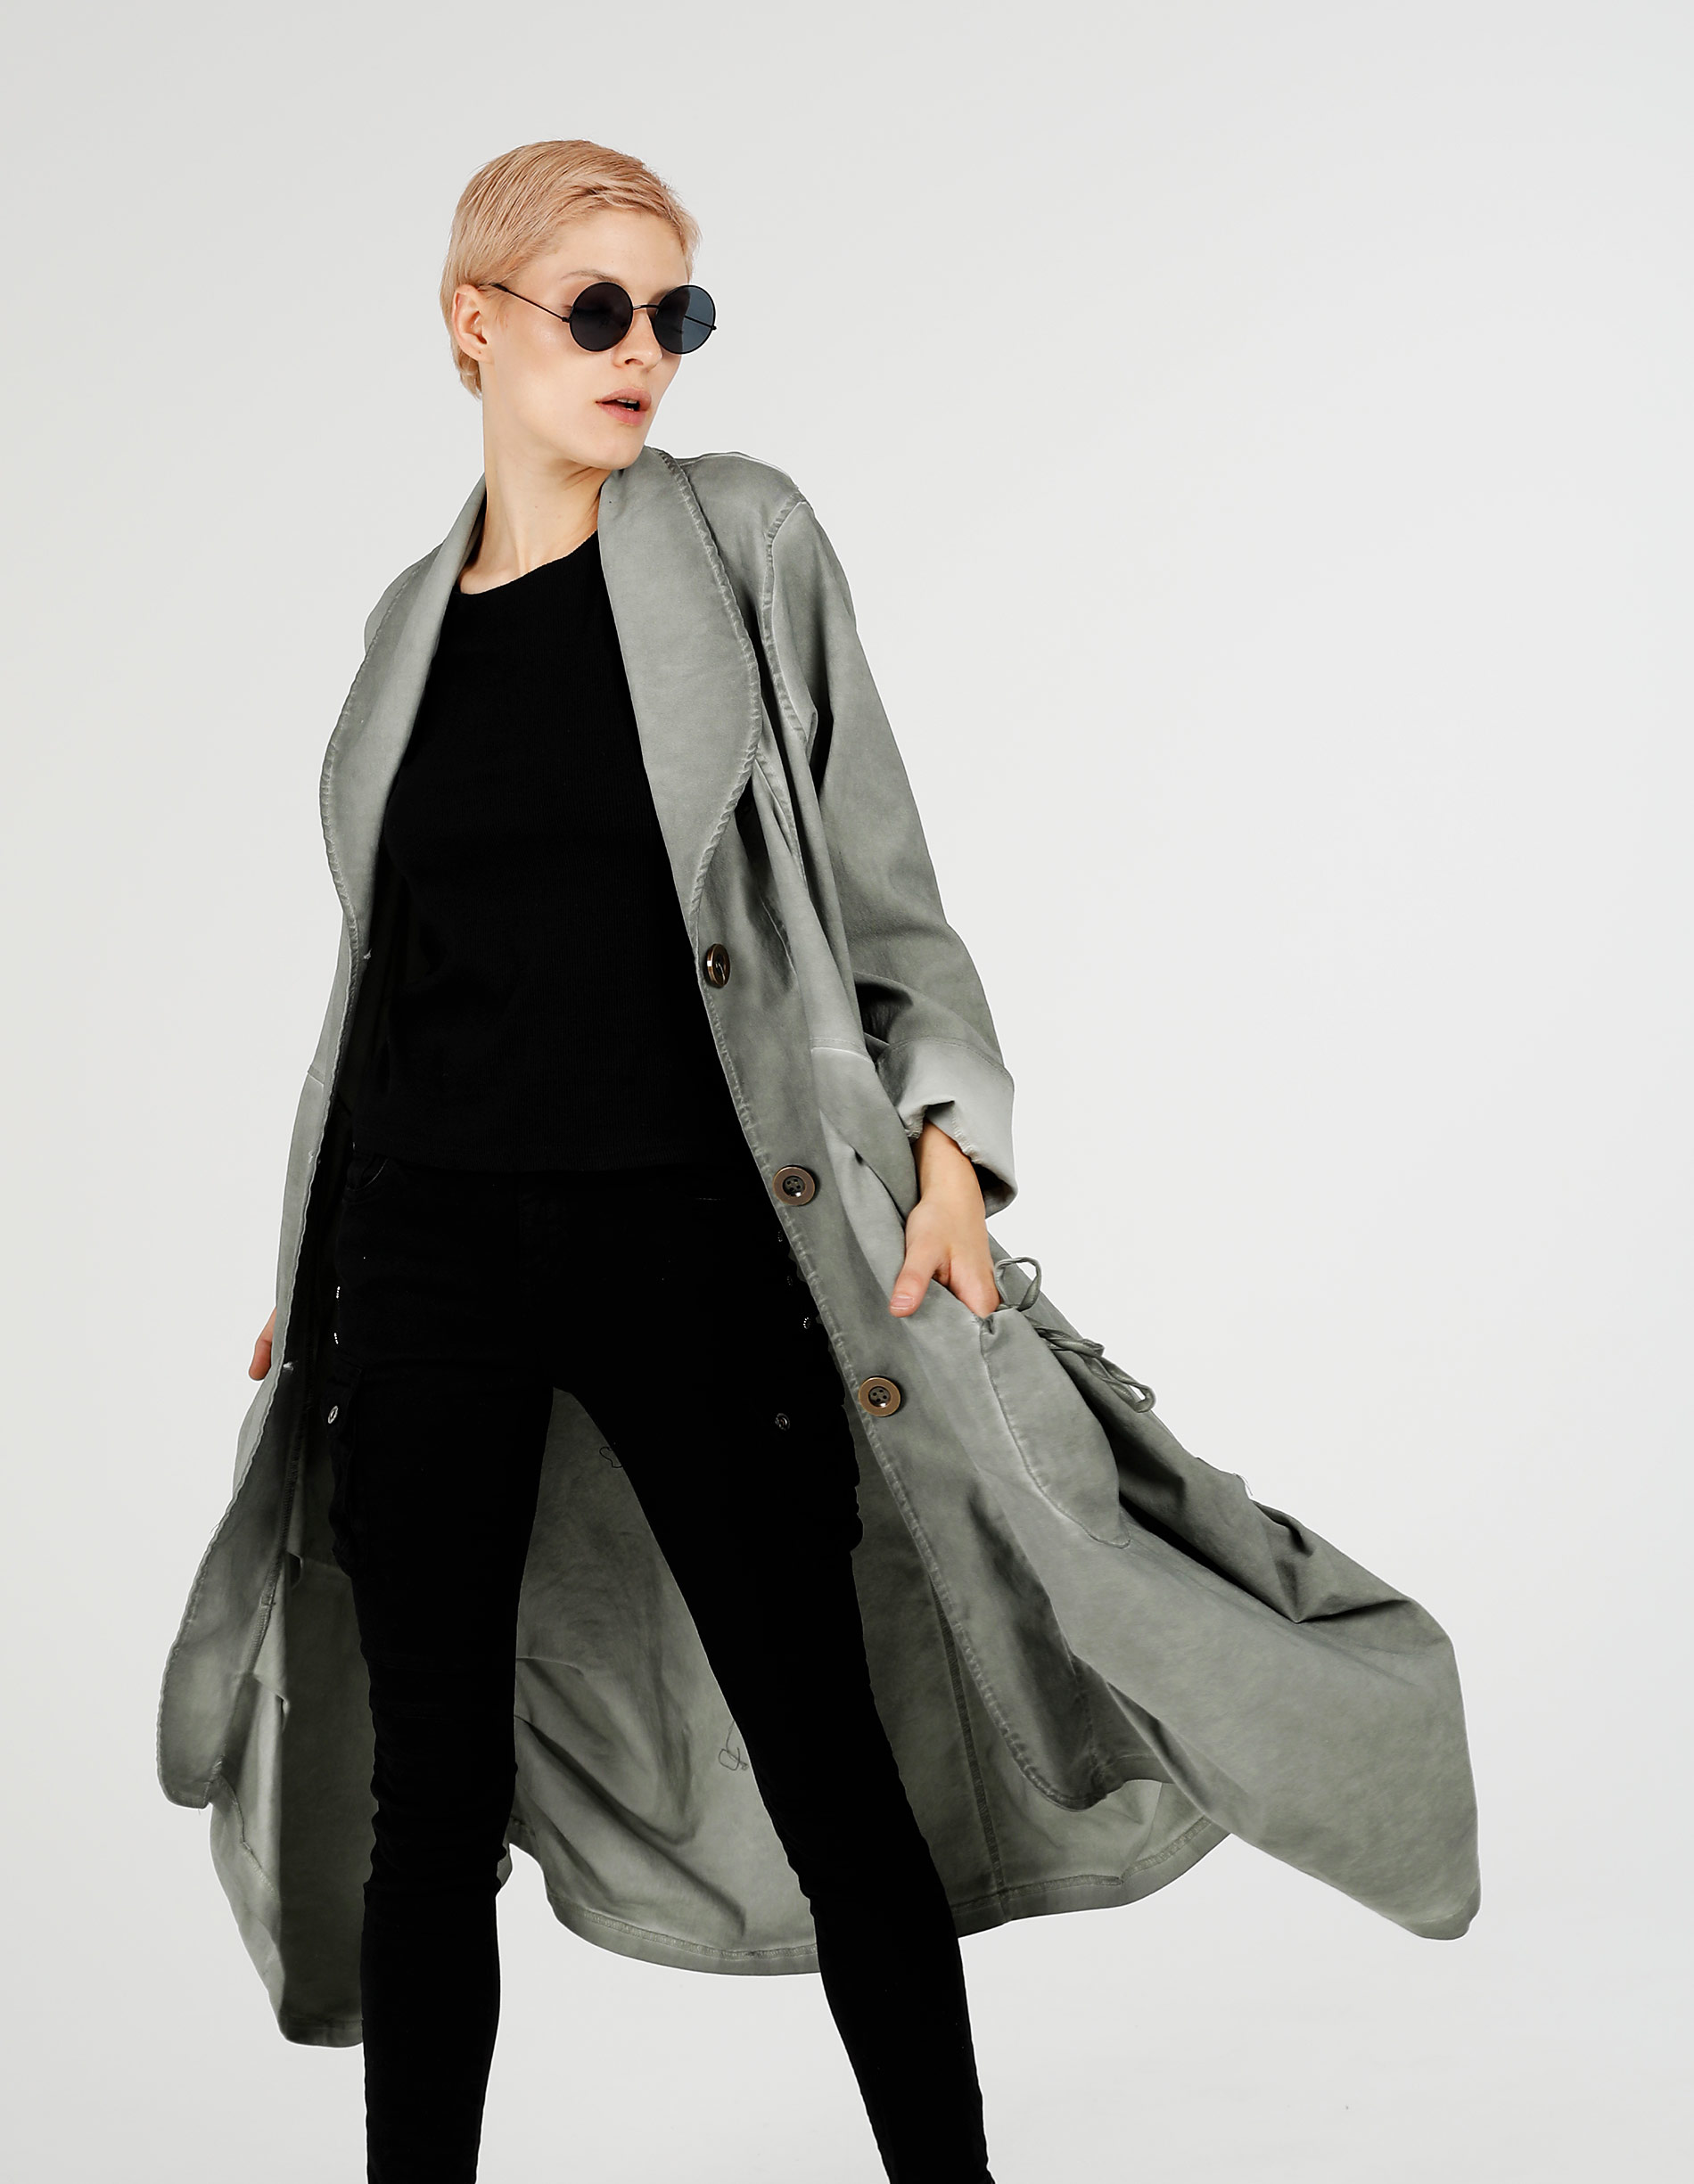 Płaszcz materiałowy - 77-8868 MILIT - Unisono